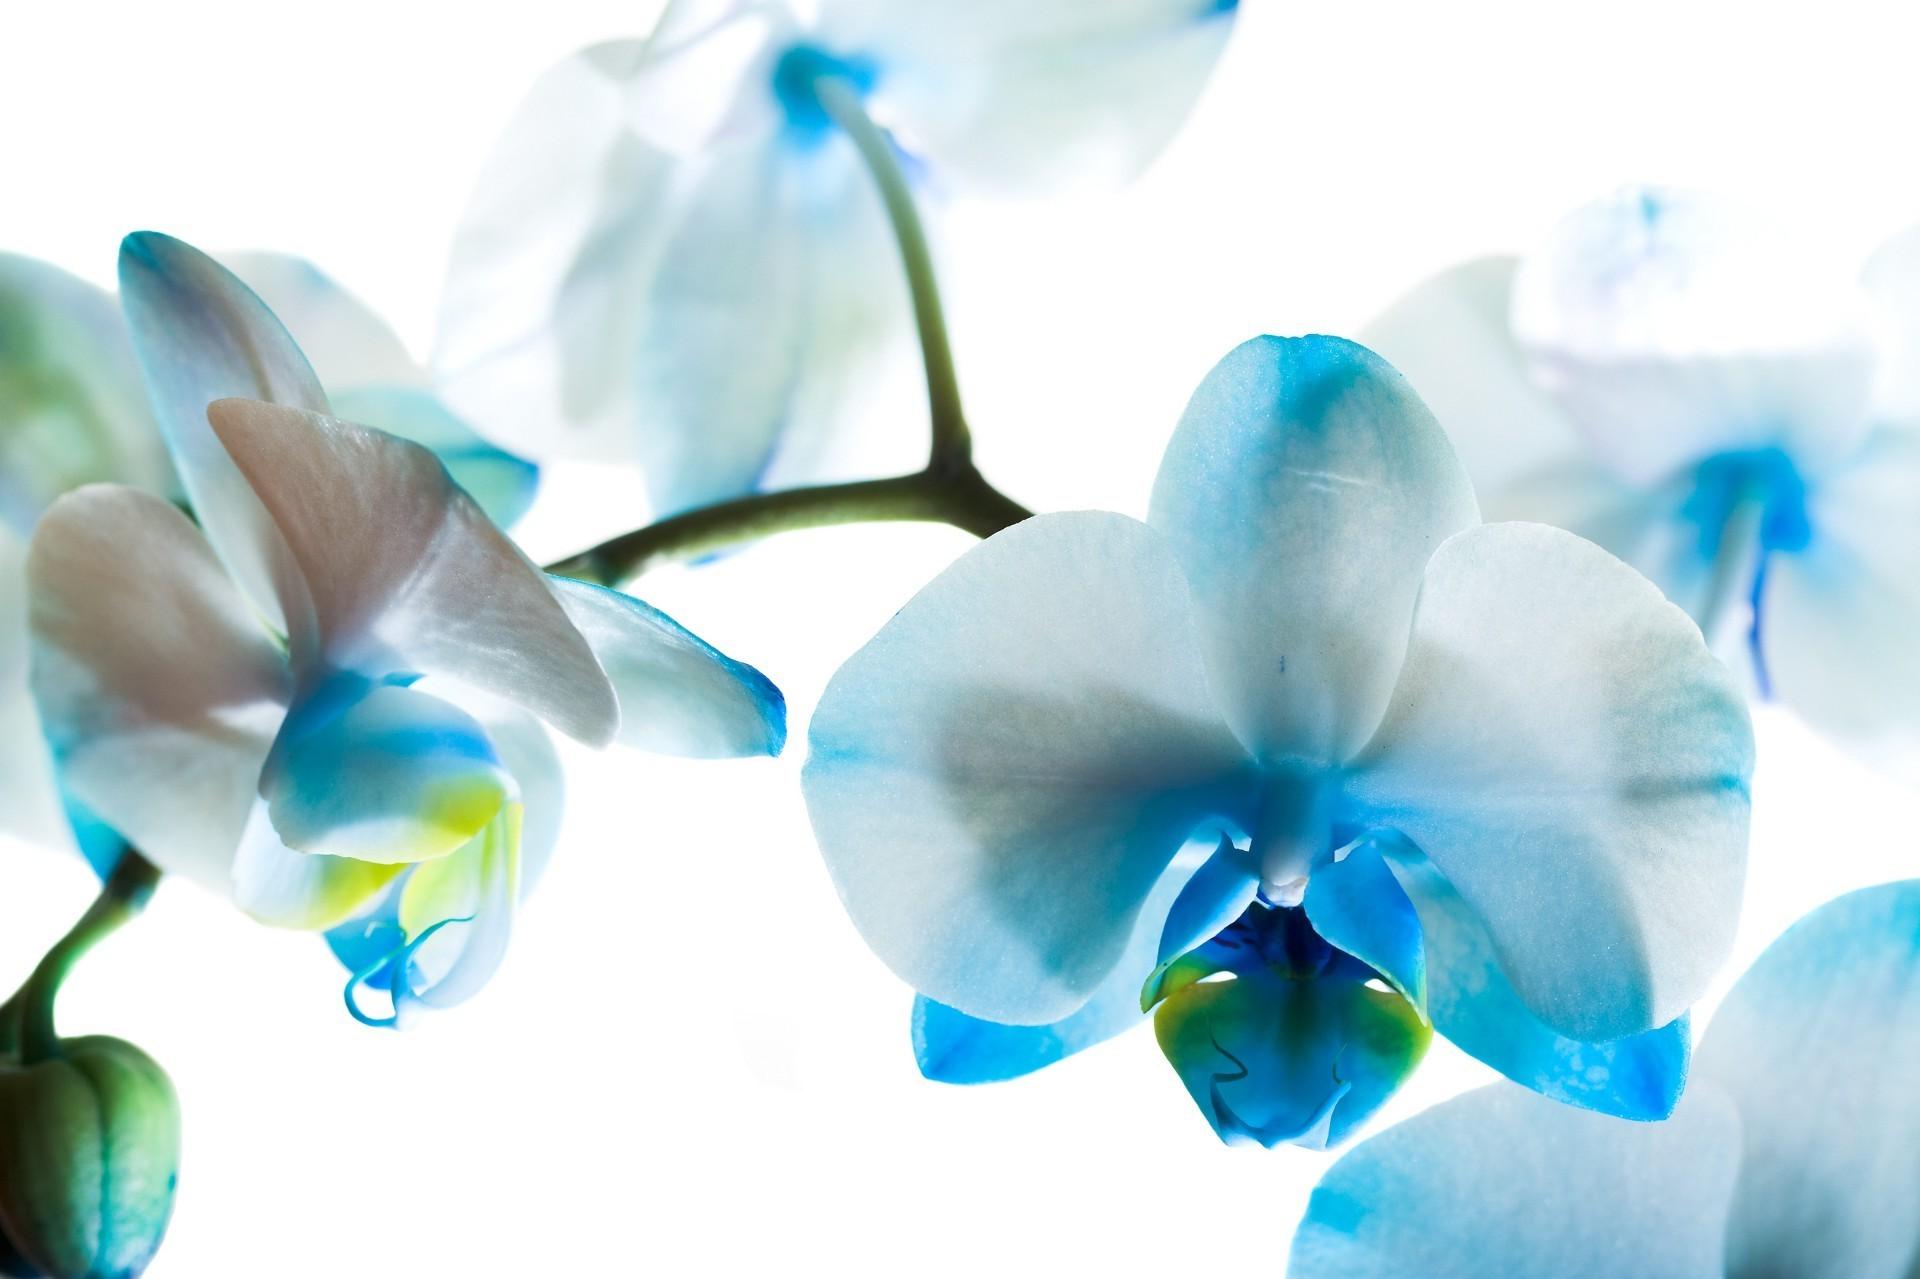 цветы для постеров в хорошем качестве с большим разрешением продаже дач тюмени